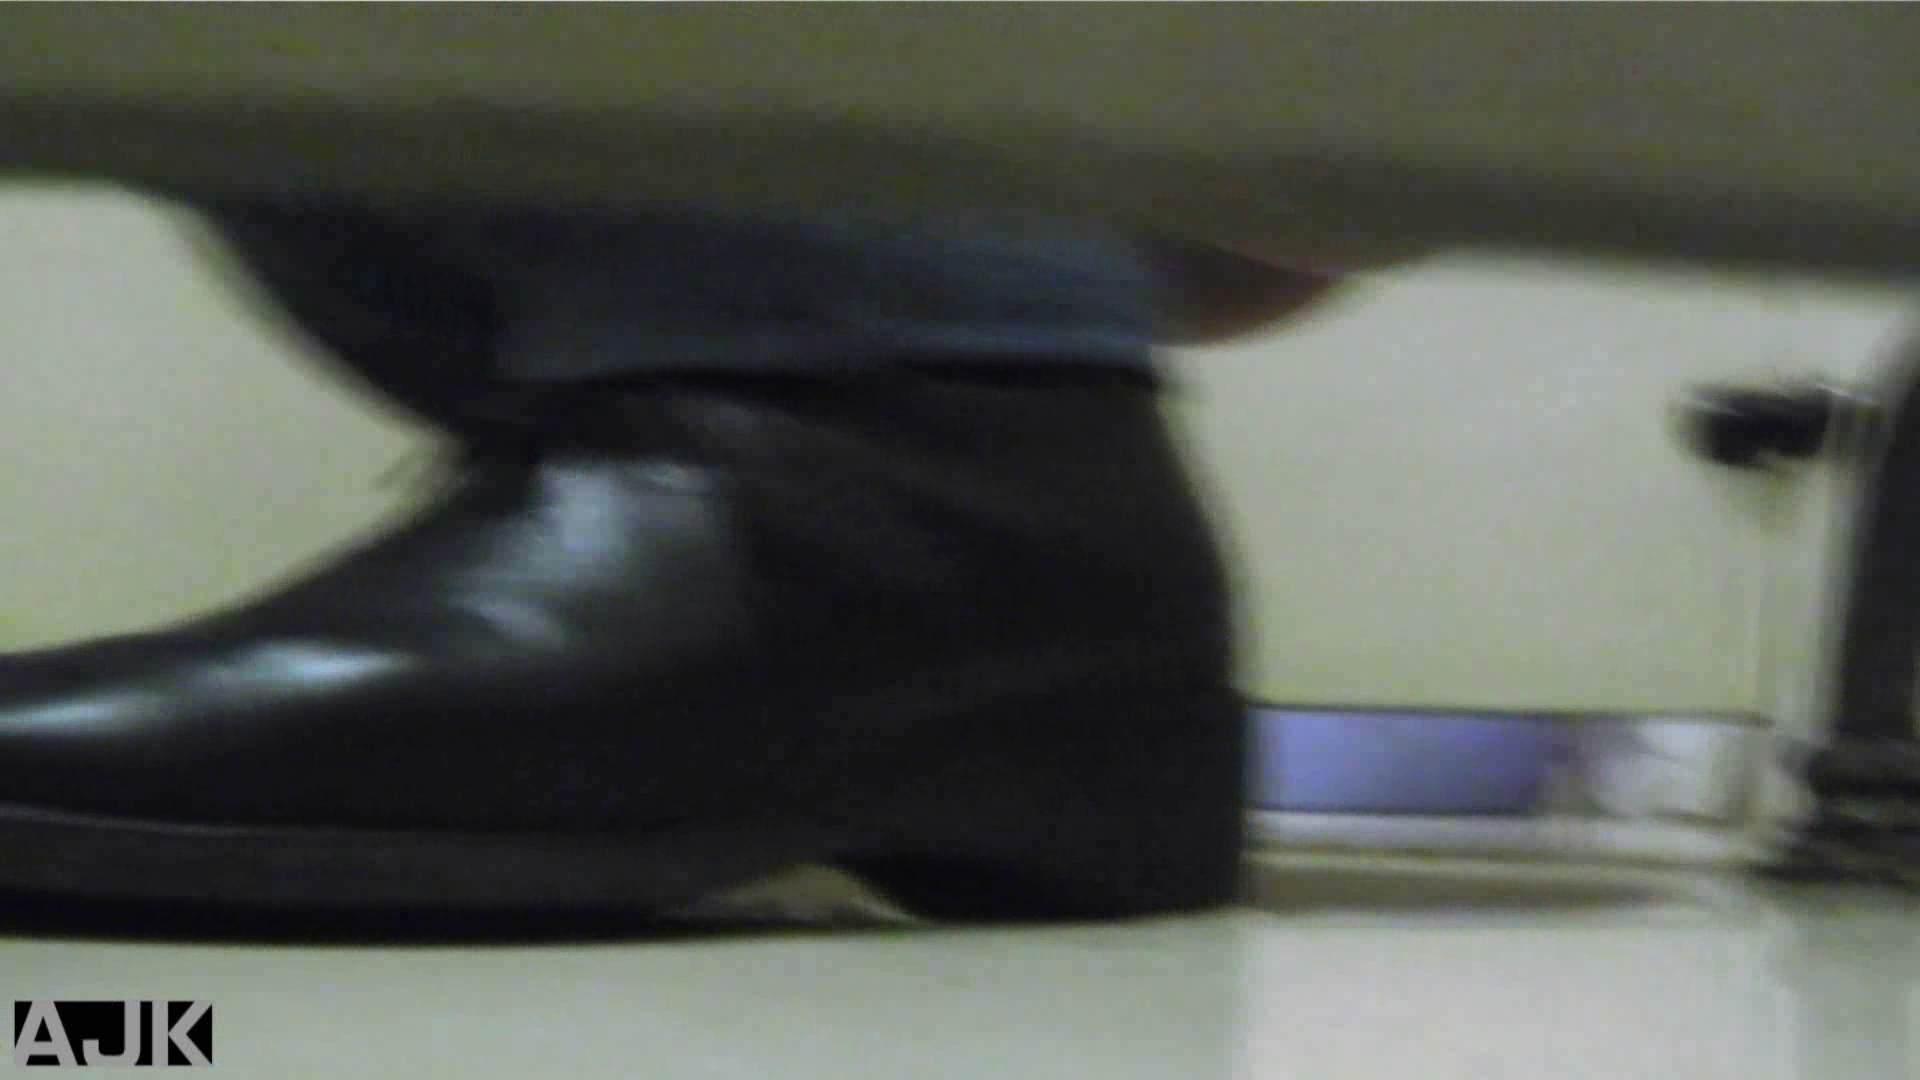 隣国上階級エリアの令嬢たちが集うデパートお手洗い Vol.28 洗面所のぞき おめこ無修正画像 103枚 2